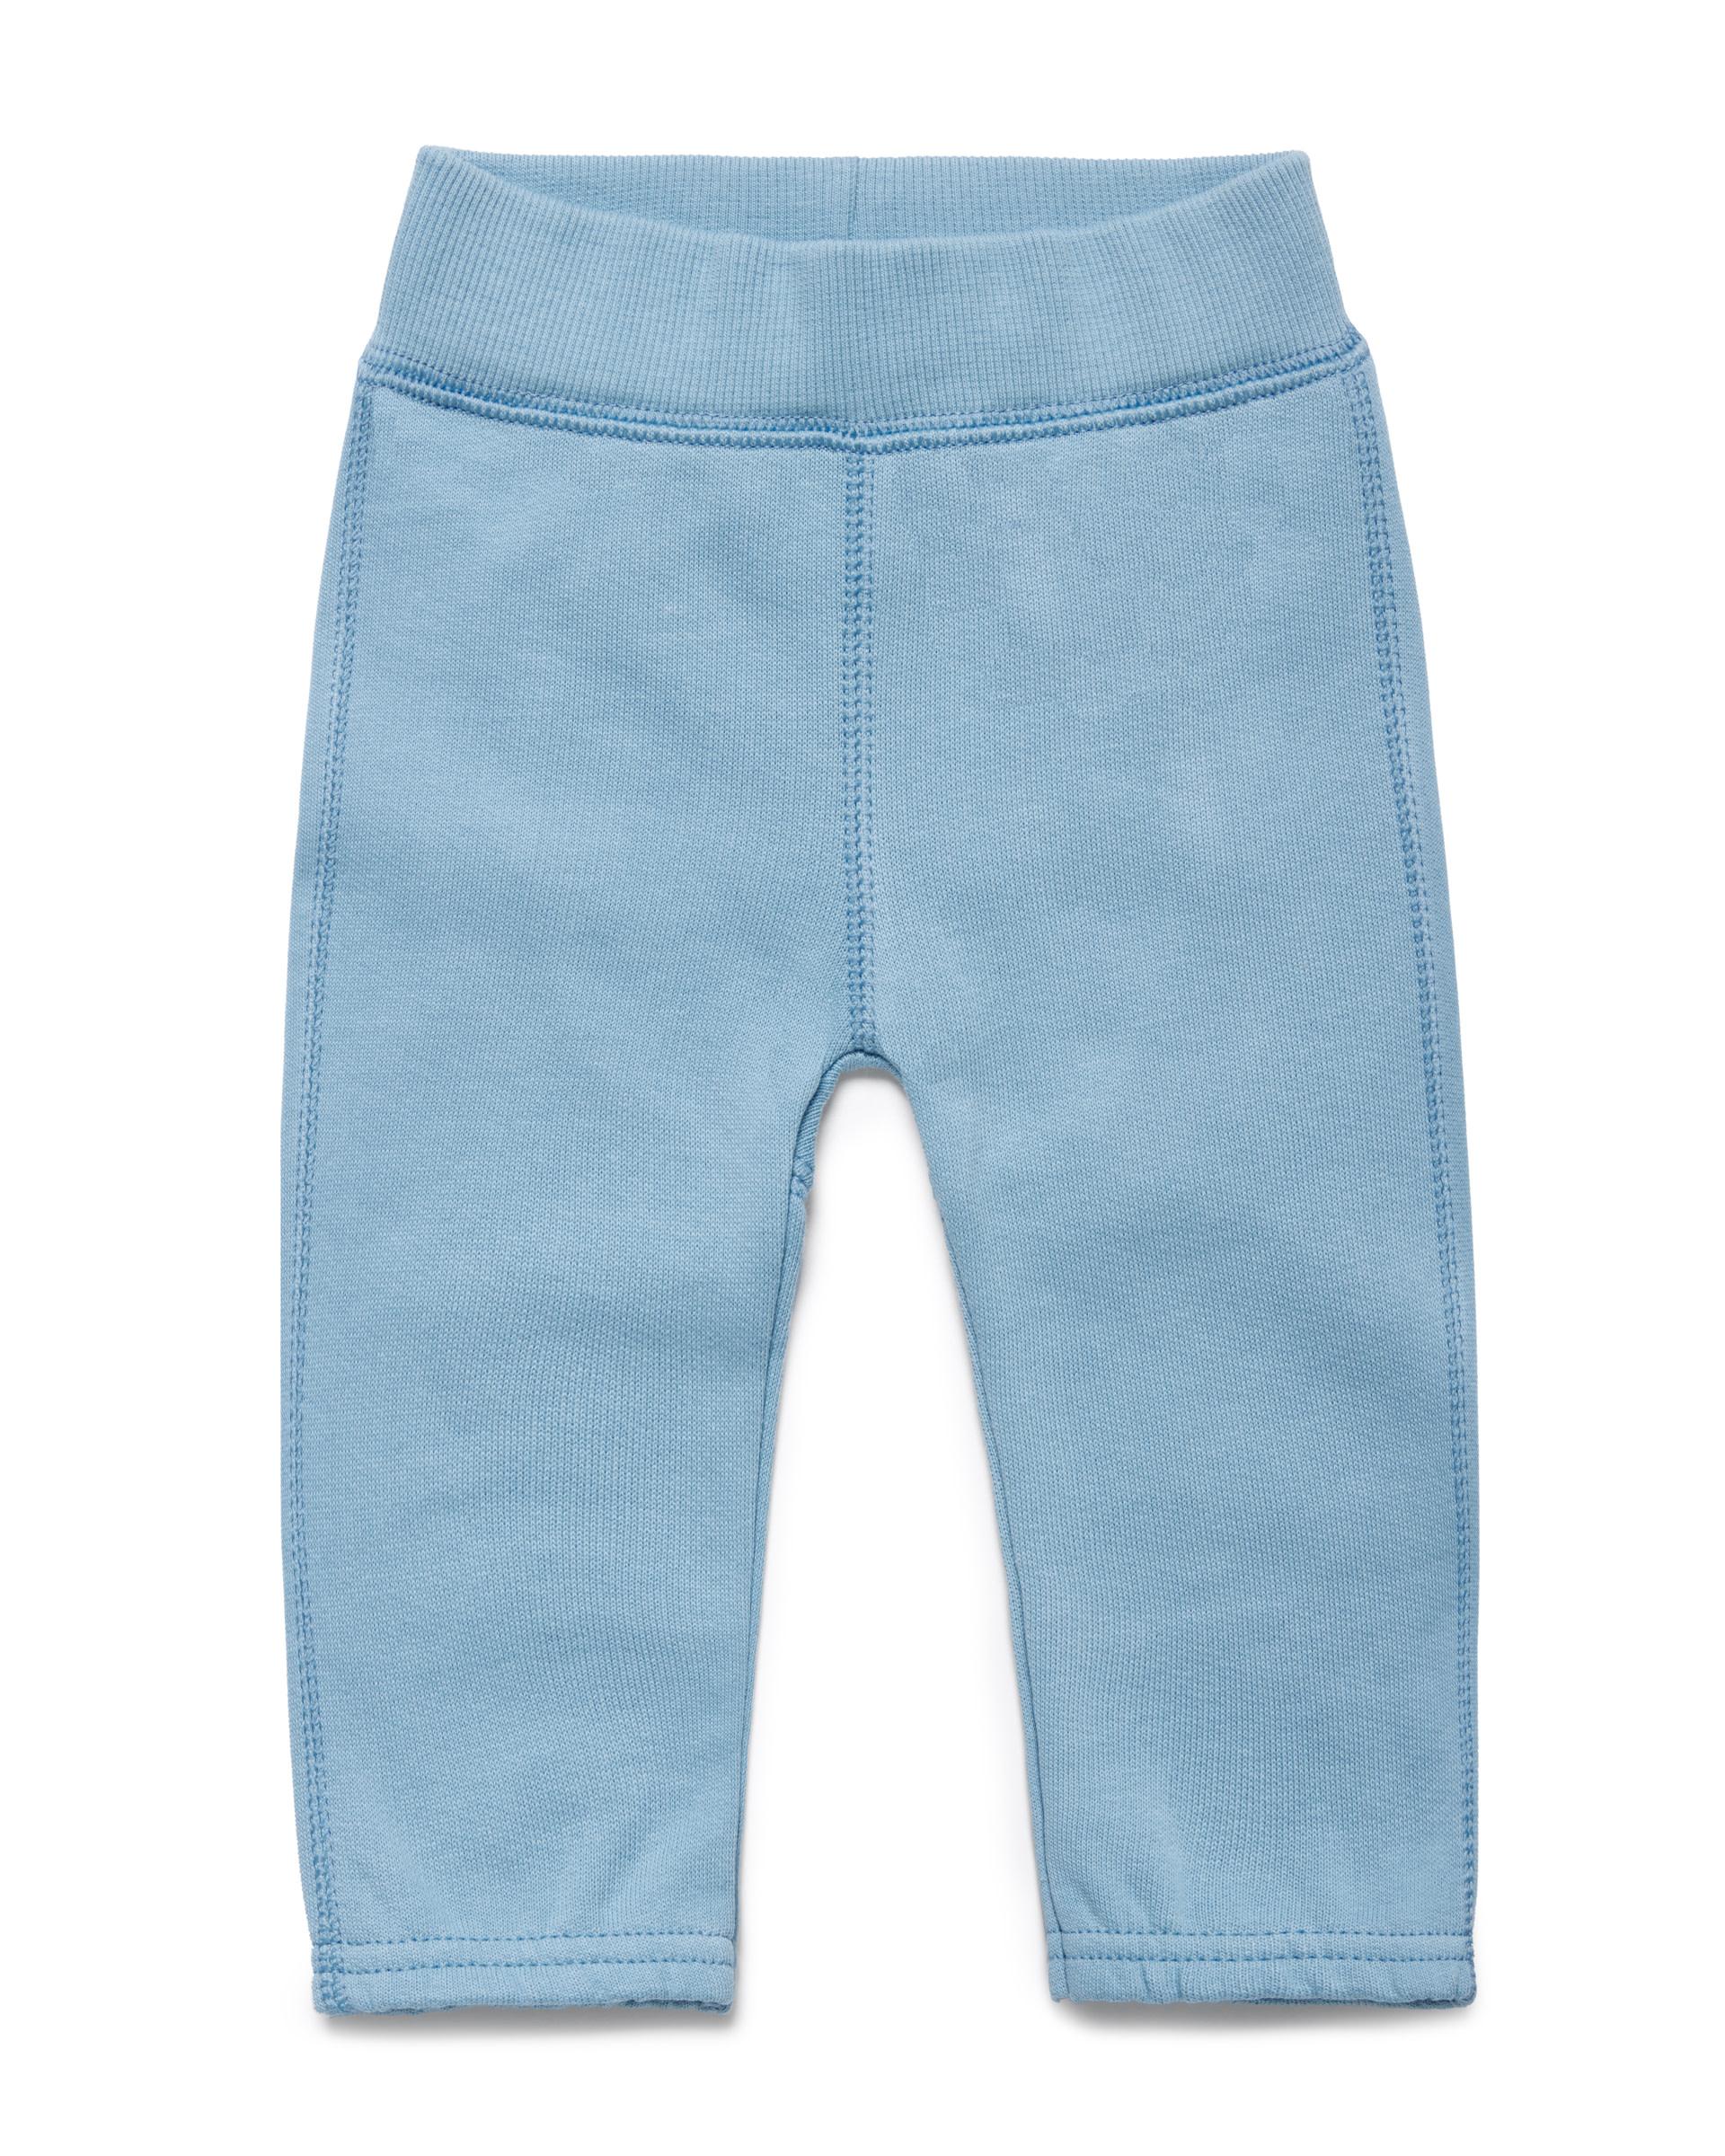 Купить 20P_3J70MF238_29J, Спортивные брюки для девочек Benetton 3J70MF238_29J р-р 68, United Colors of Benetton, Детские брюки и шорты